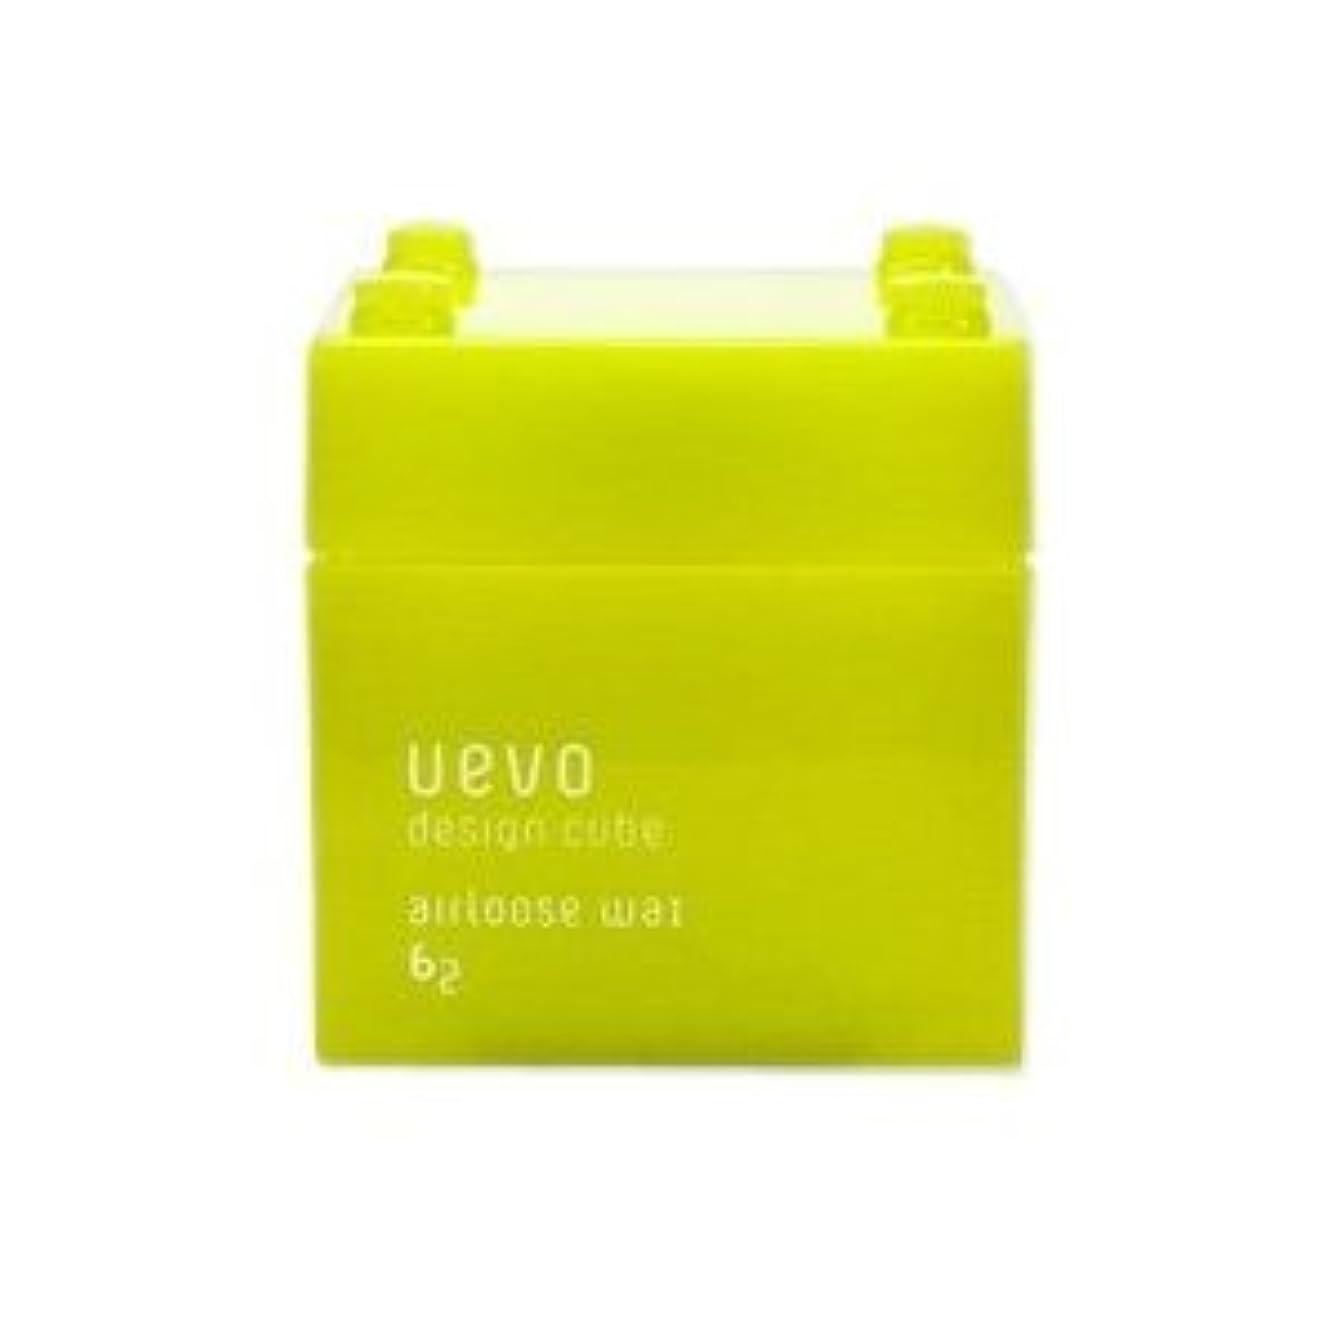 リテラシー投資する改修【X2個セット】 デミ ウェーボ デザインキューブ エアルーズワックス 80g airloose wax DEMI uevo design cube